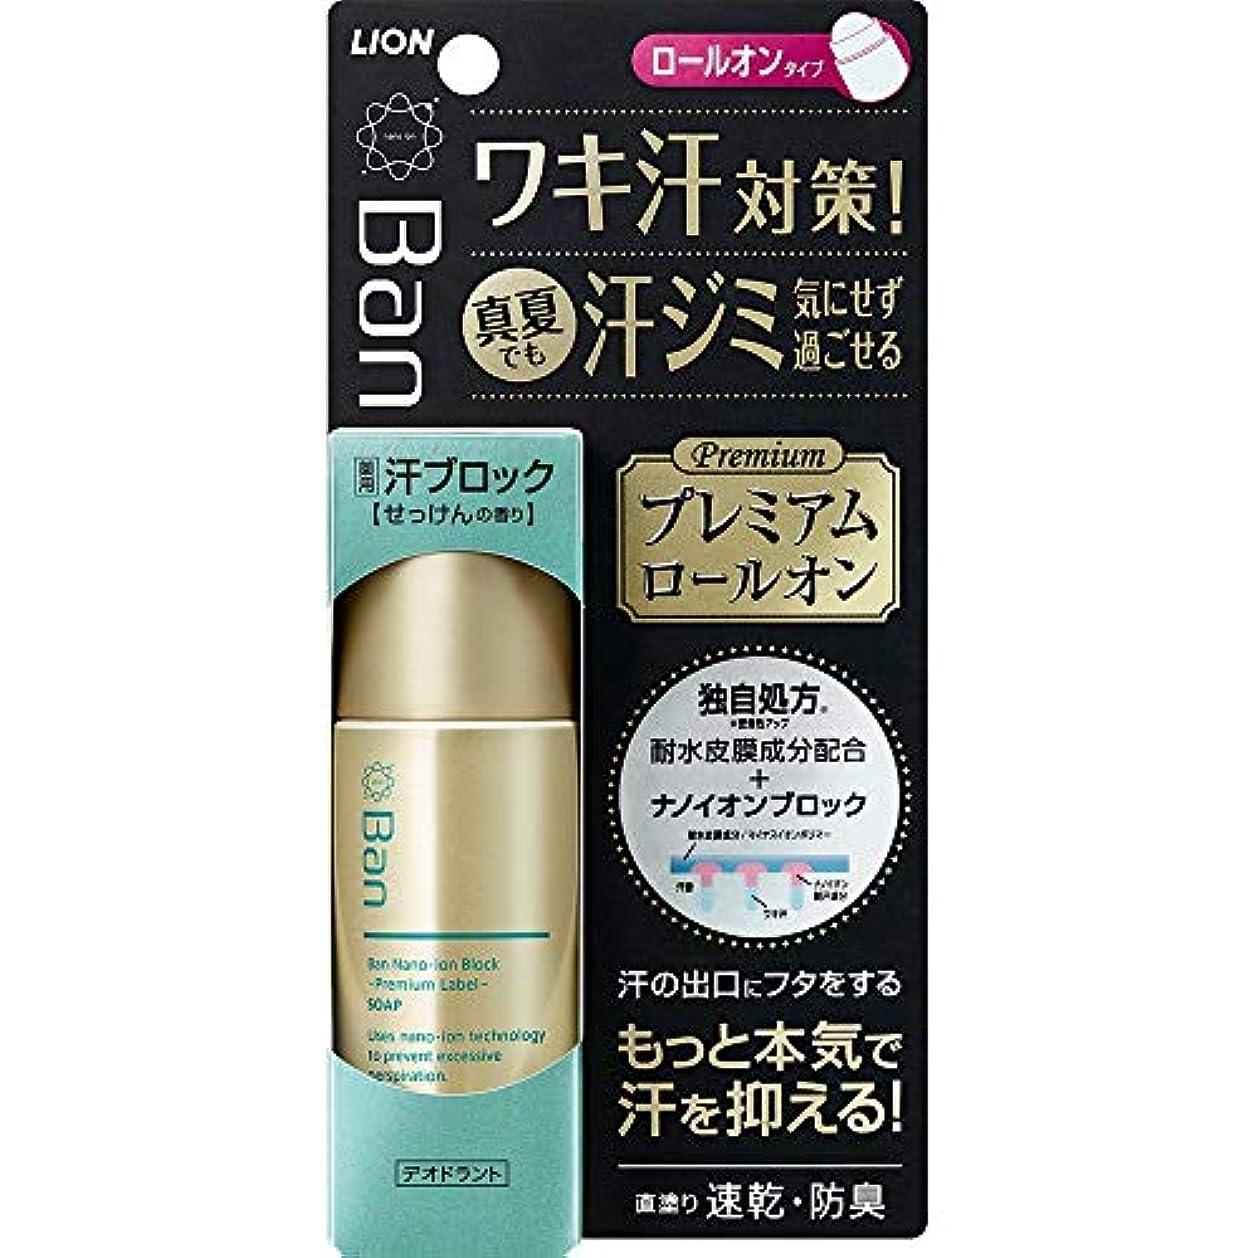 絶縁するピグマリオンせっかちBan(バン) 汗ブロックロールオン プレミアムラベル せっけんの香り 40ml(医薬部外品) × 6点